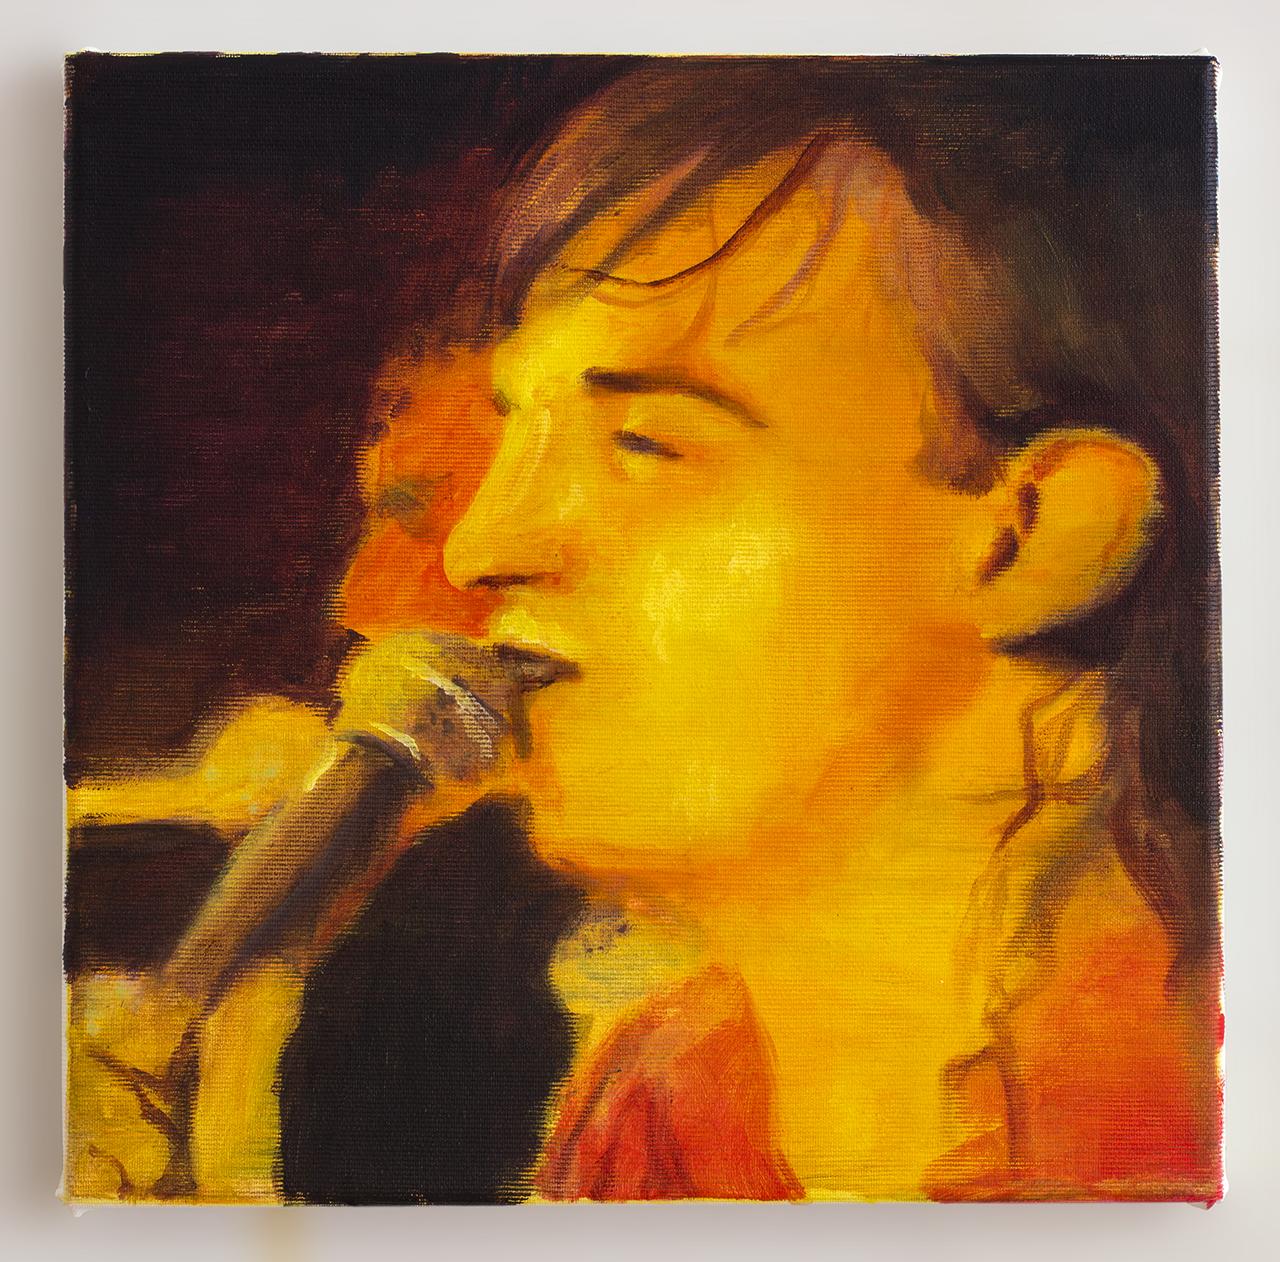 Mark 2018 -30 x 30cm, oil and acrylic on canvas